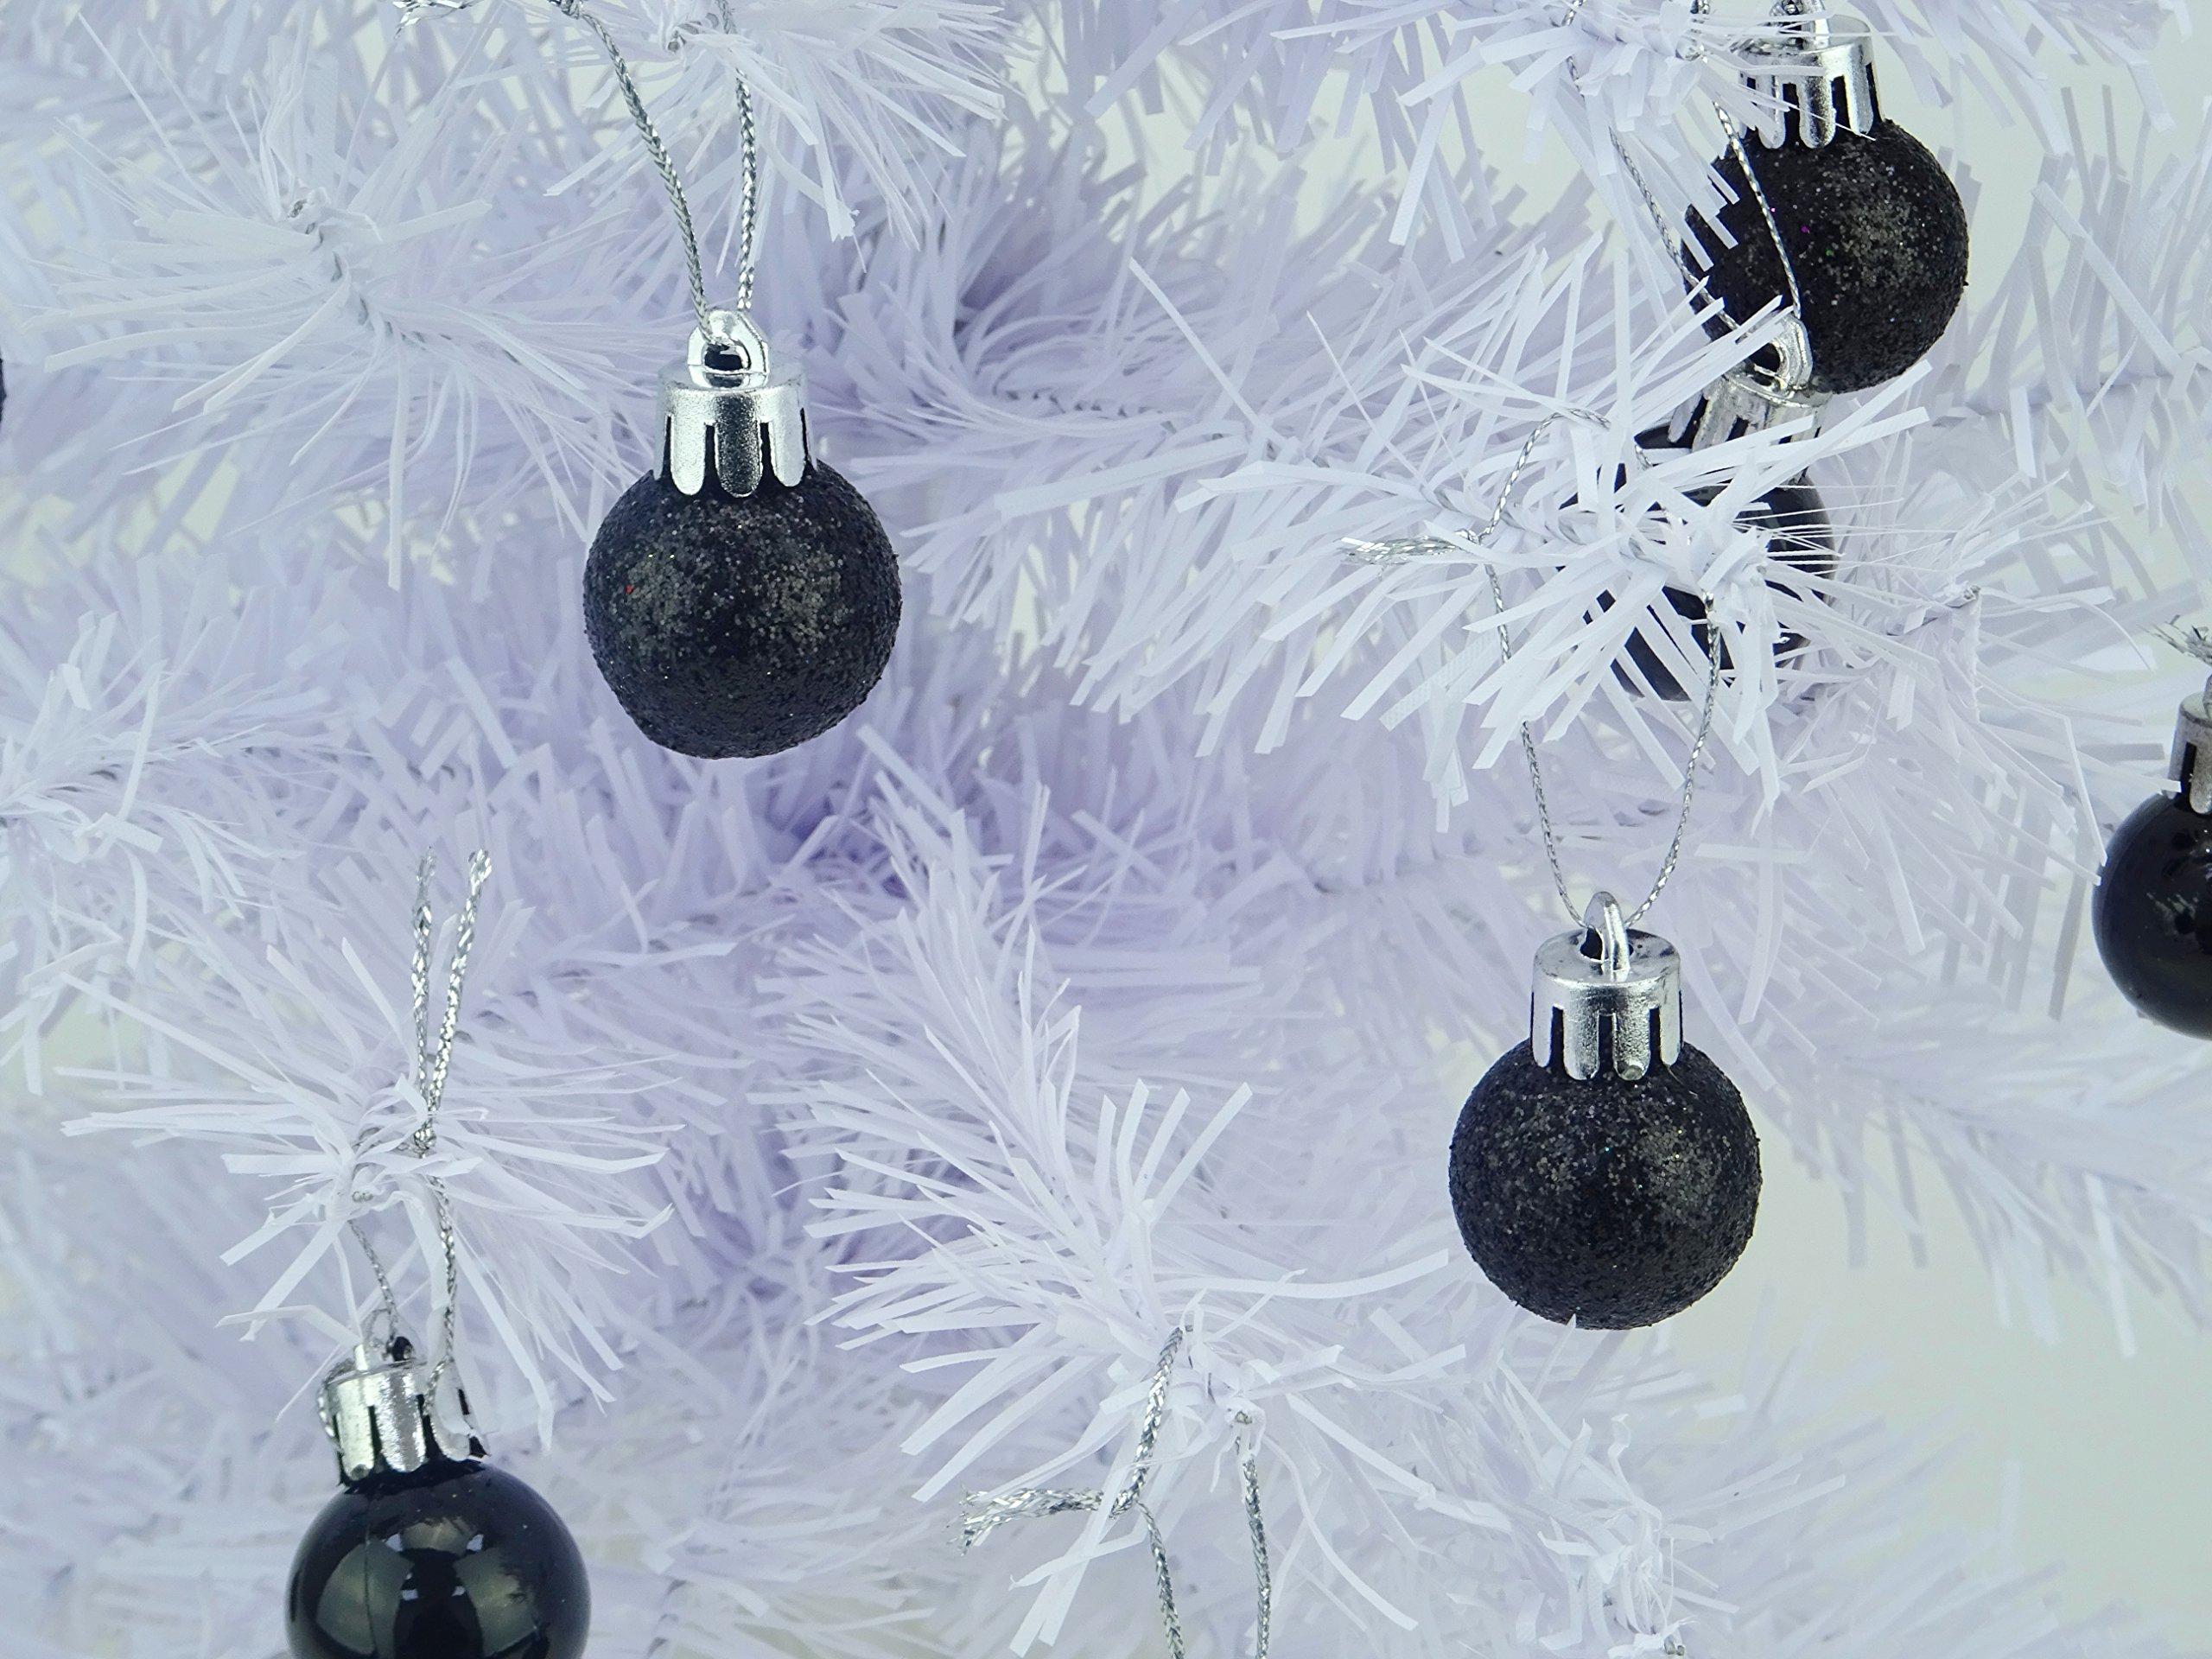 Christmas-Concepts-Packung-mit-25-Glnzend-Matt-Glitter-Mini-Weihnachtsbaum-Flitter